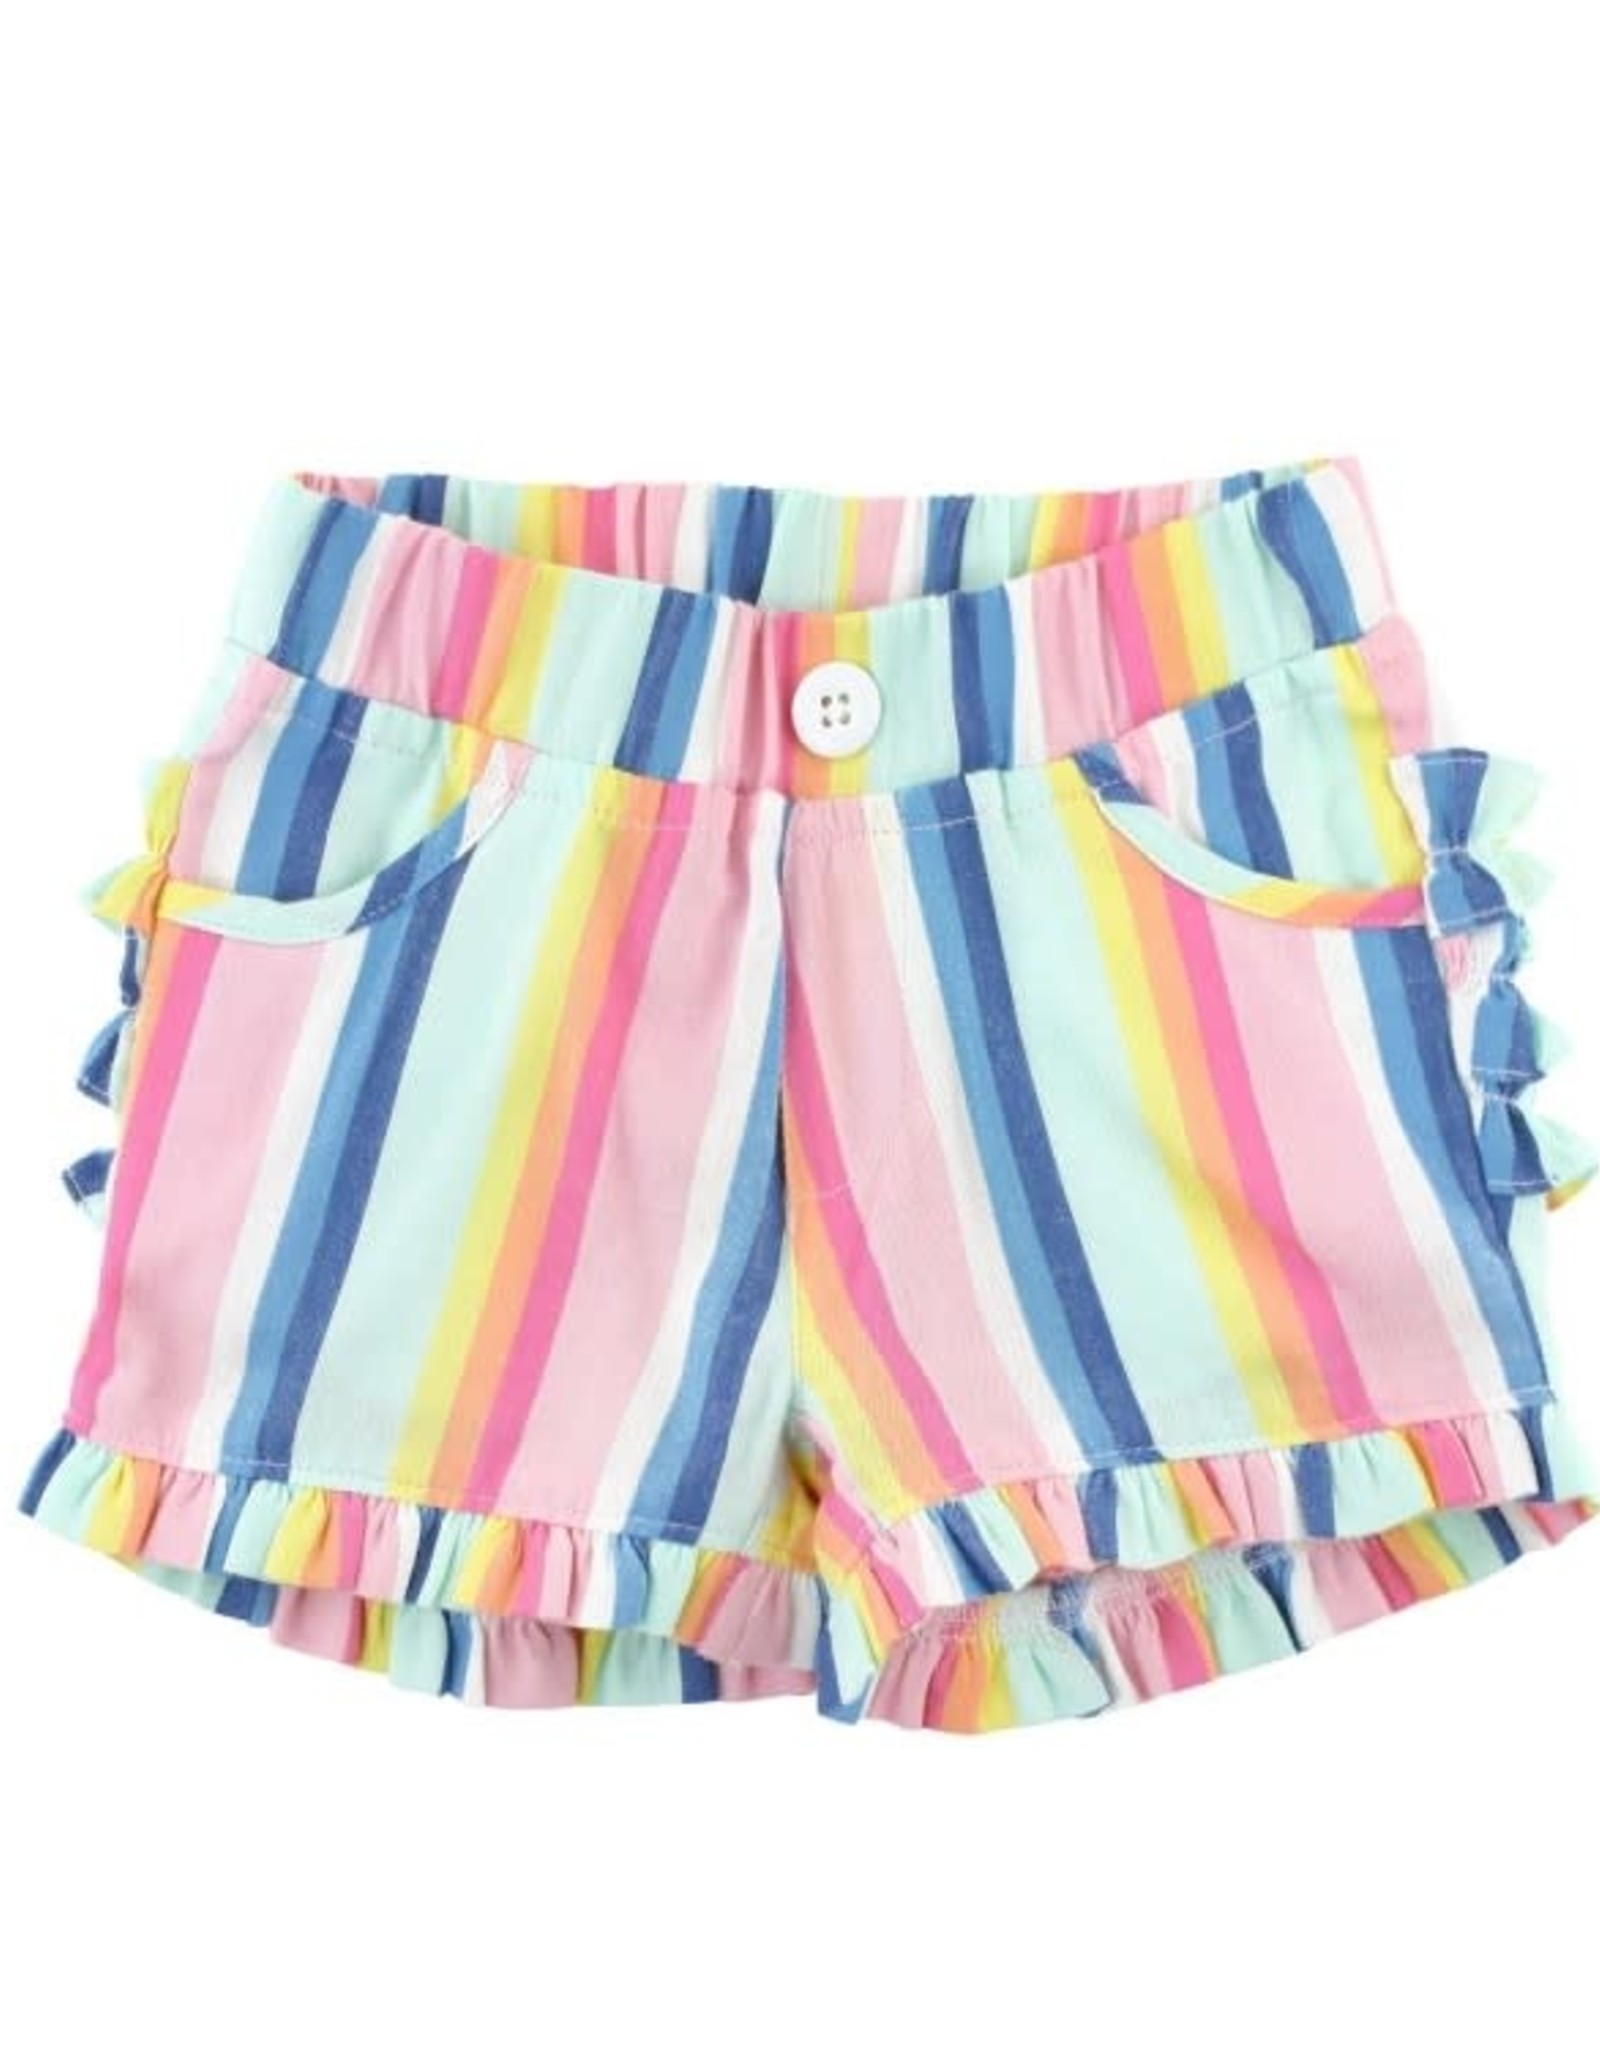 RuffleButts Playful Stripe Ruffle Shorts